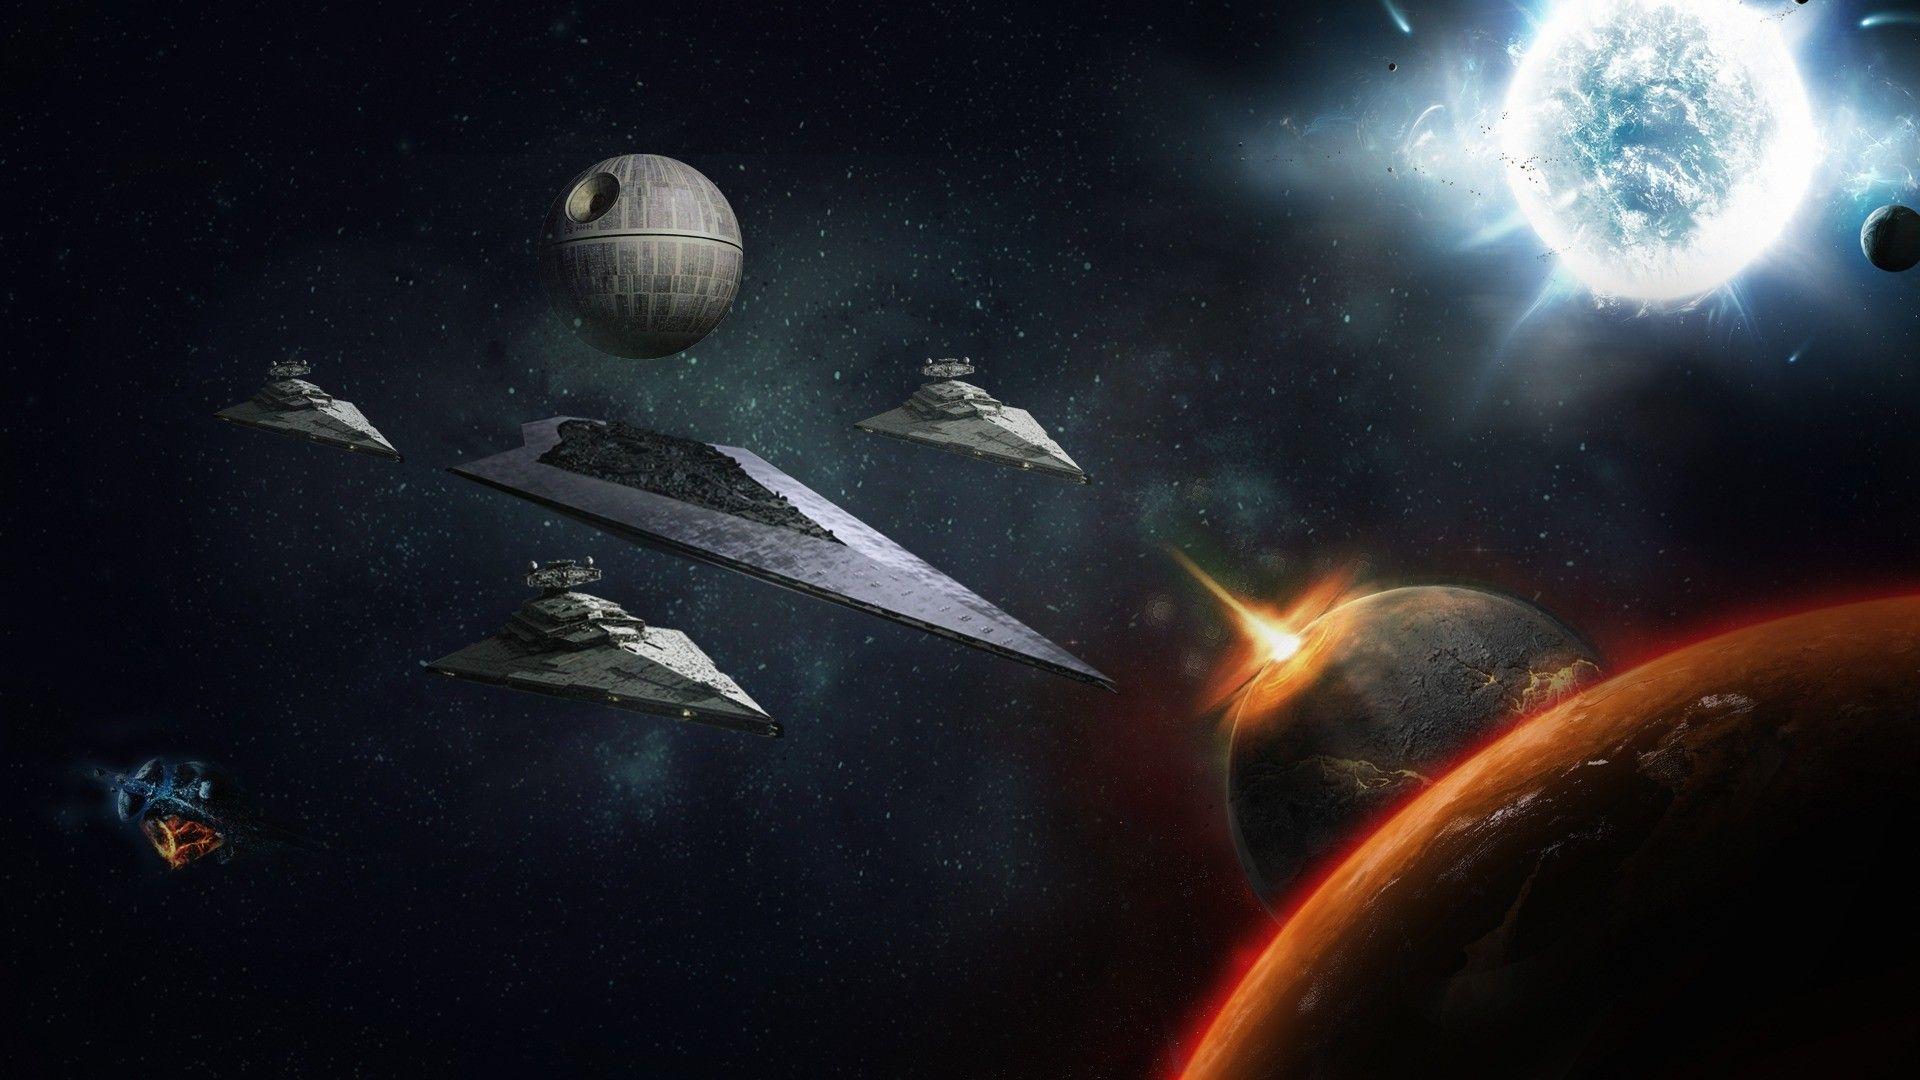 Star Wars Screensaver wallpaper download